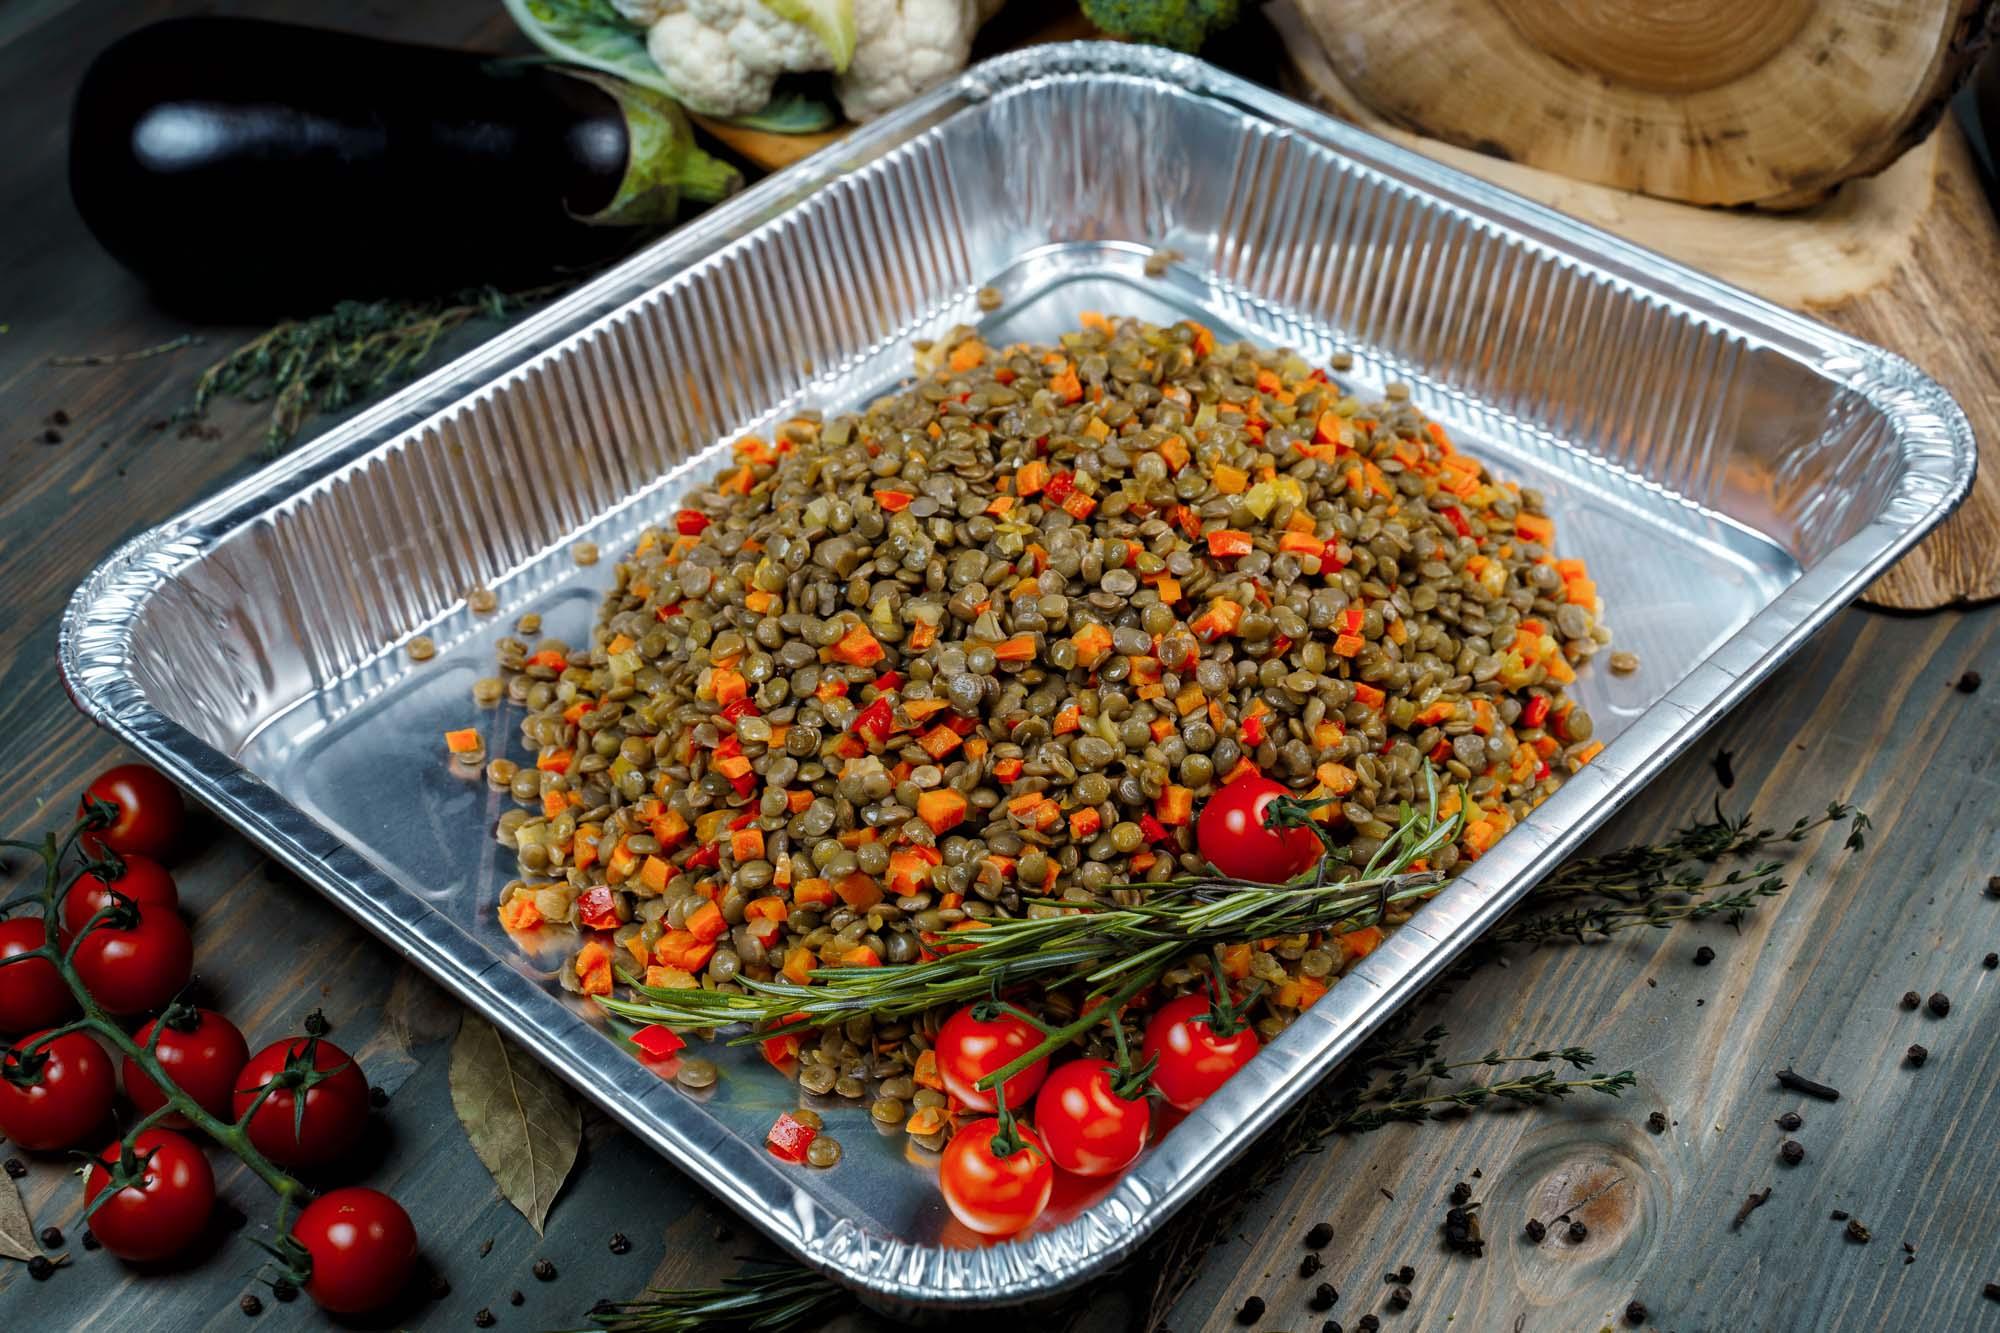 Чечевица с овощами 1800 гр (12 порций по 150 гр)